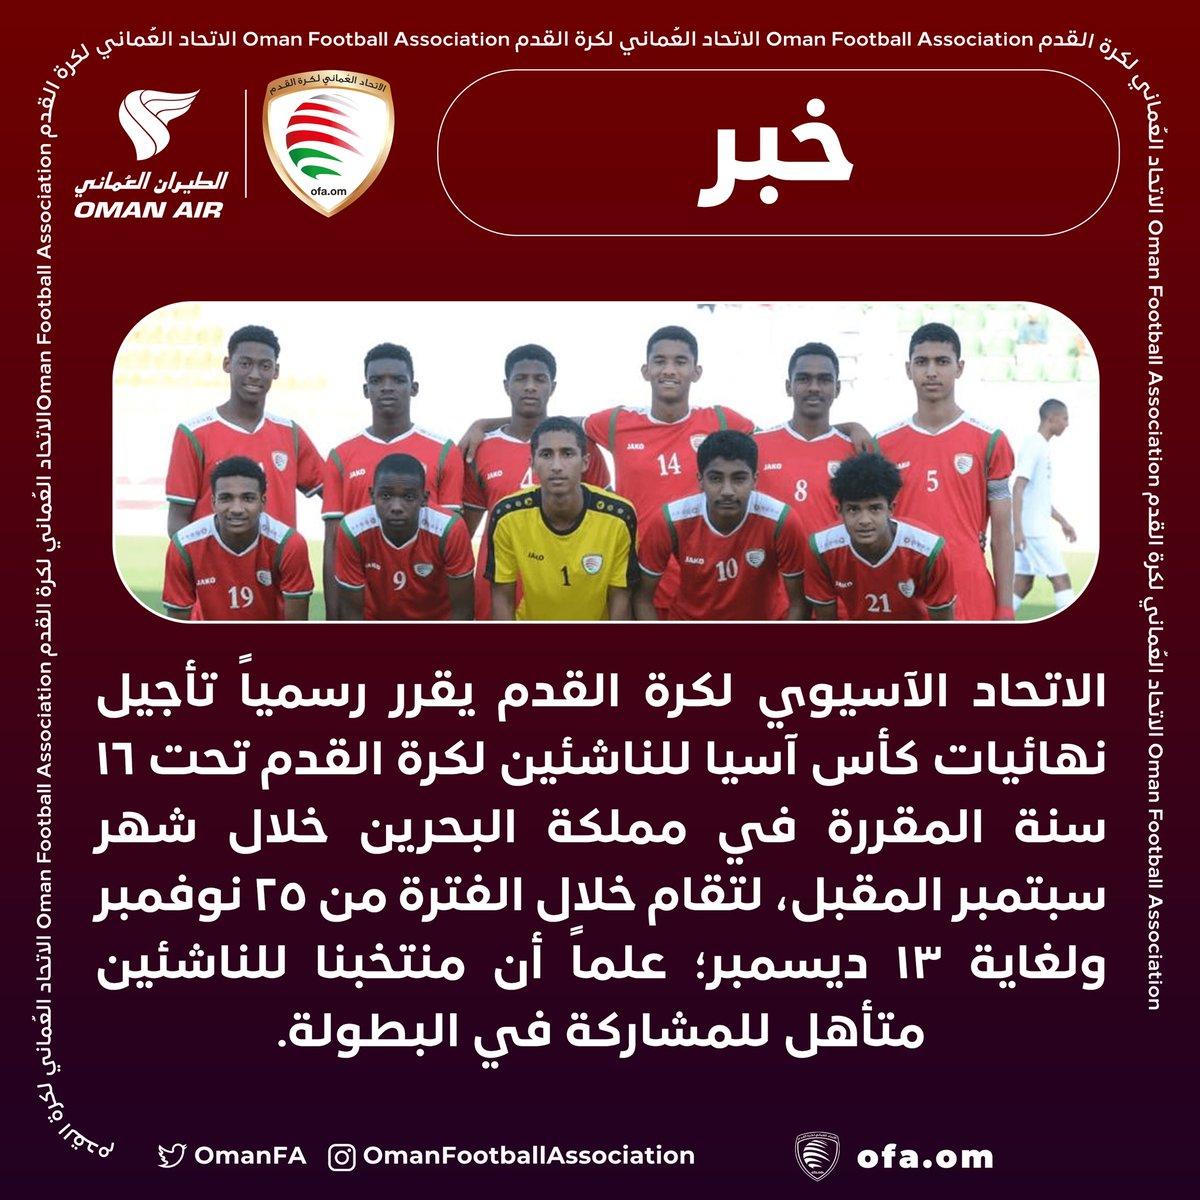 - #رسمياً   الاتحاد الآسيوي لكرة القدم يقرر تأجيل نهائيات كأس آسيا للناشئين لكرة القدم تحت 16 سنة.